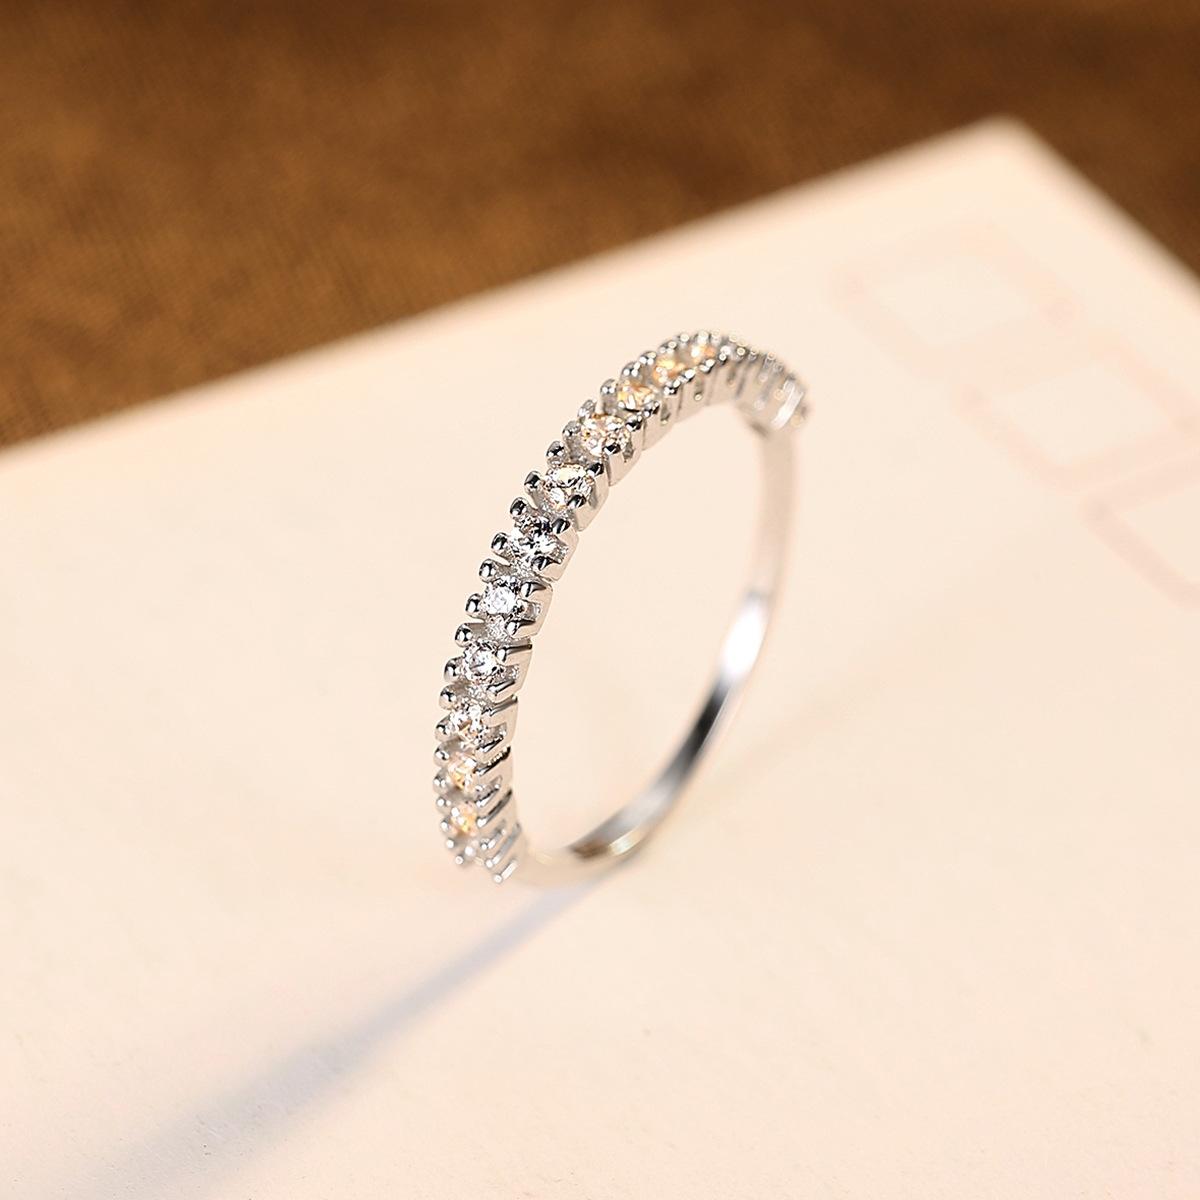 PAG-MAG S925银手饰百搭创意设计指环 单排镶钻镀白金锆石戒指女